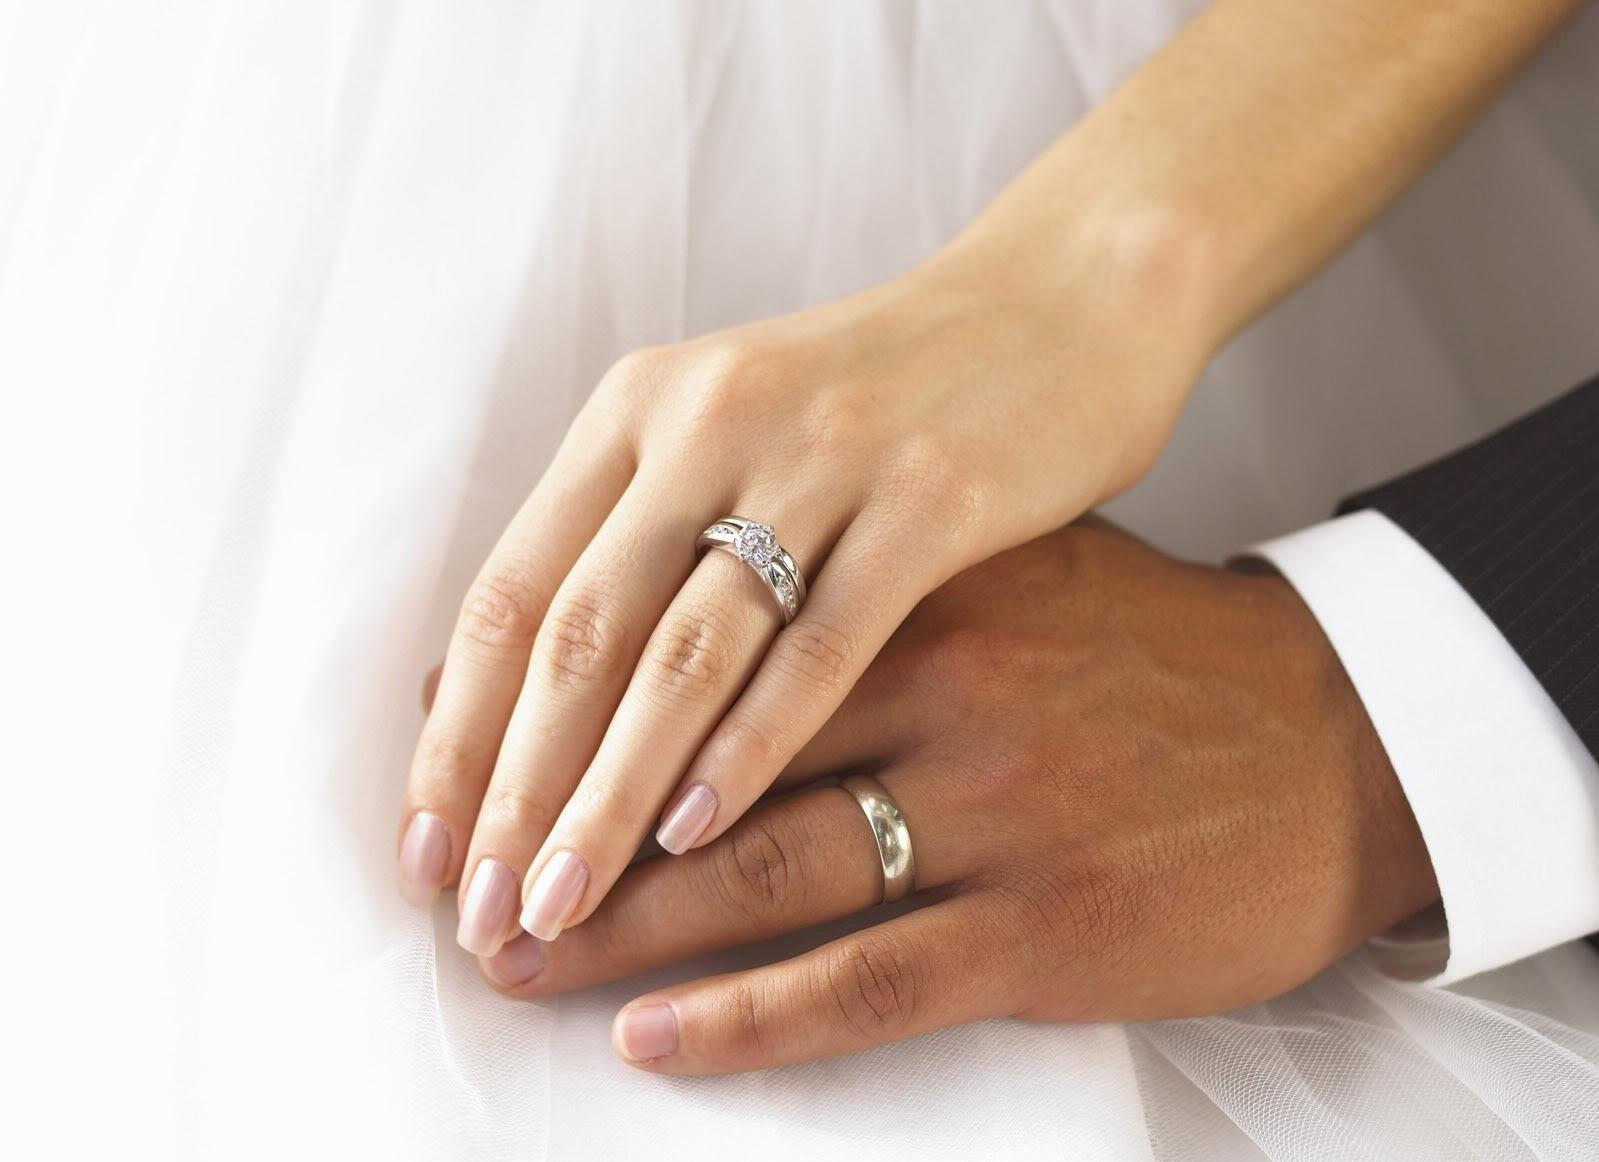 Кольцо на левой руке